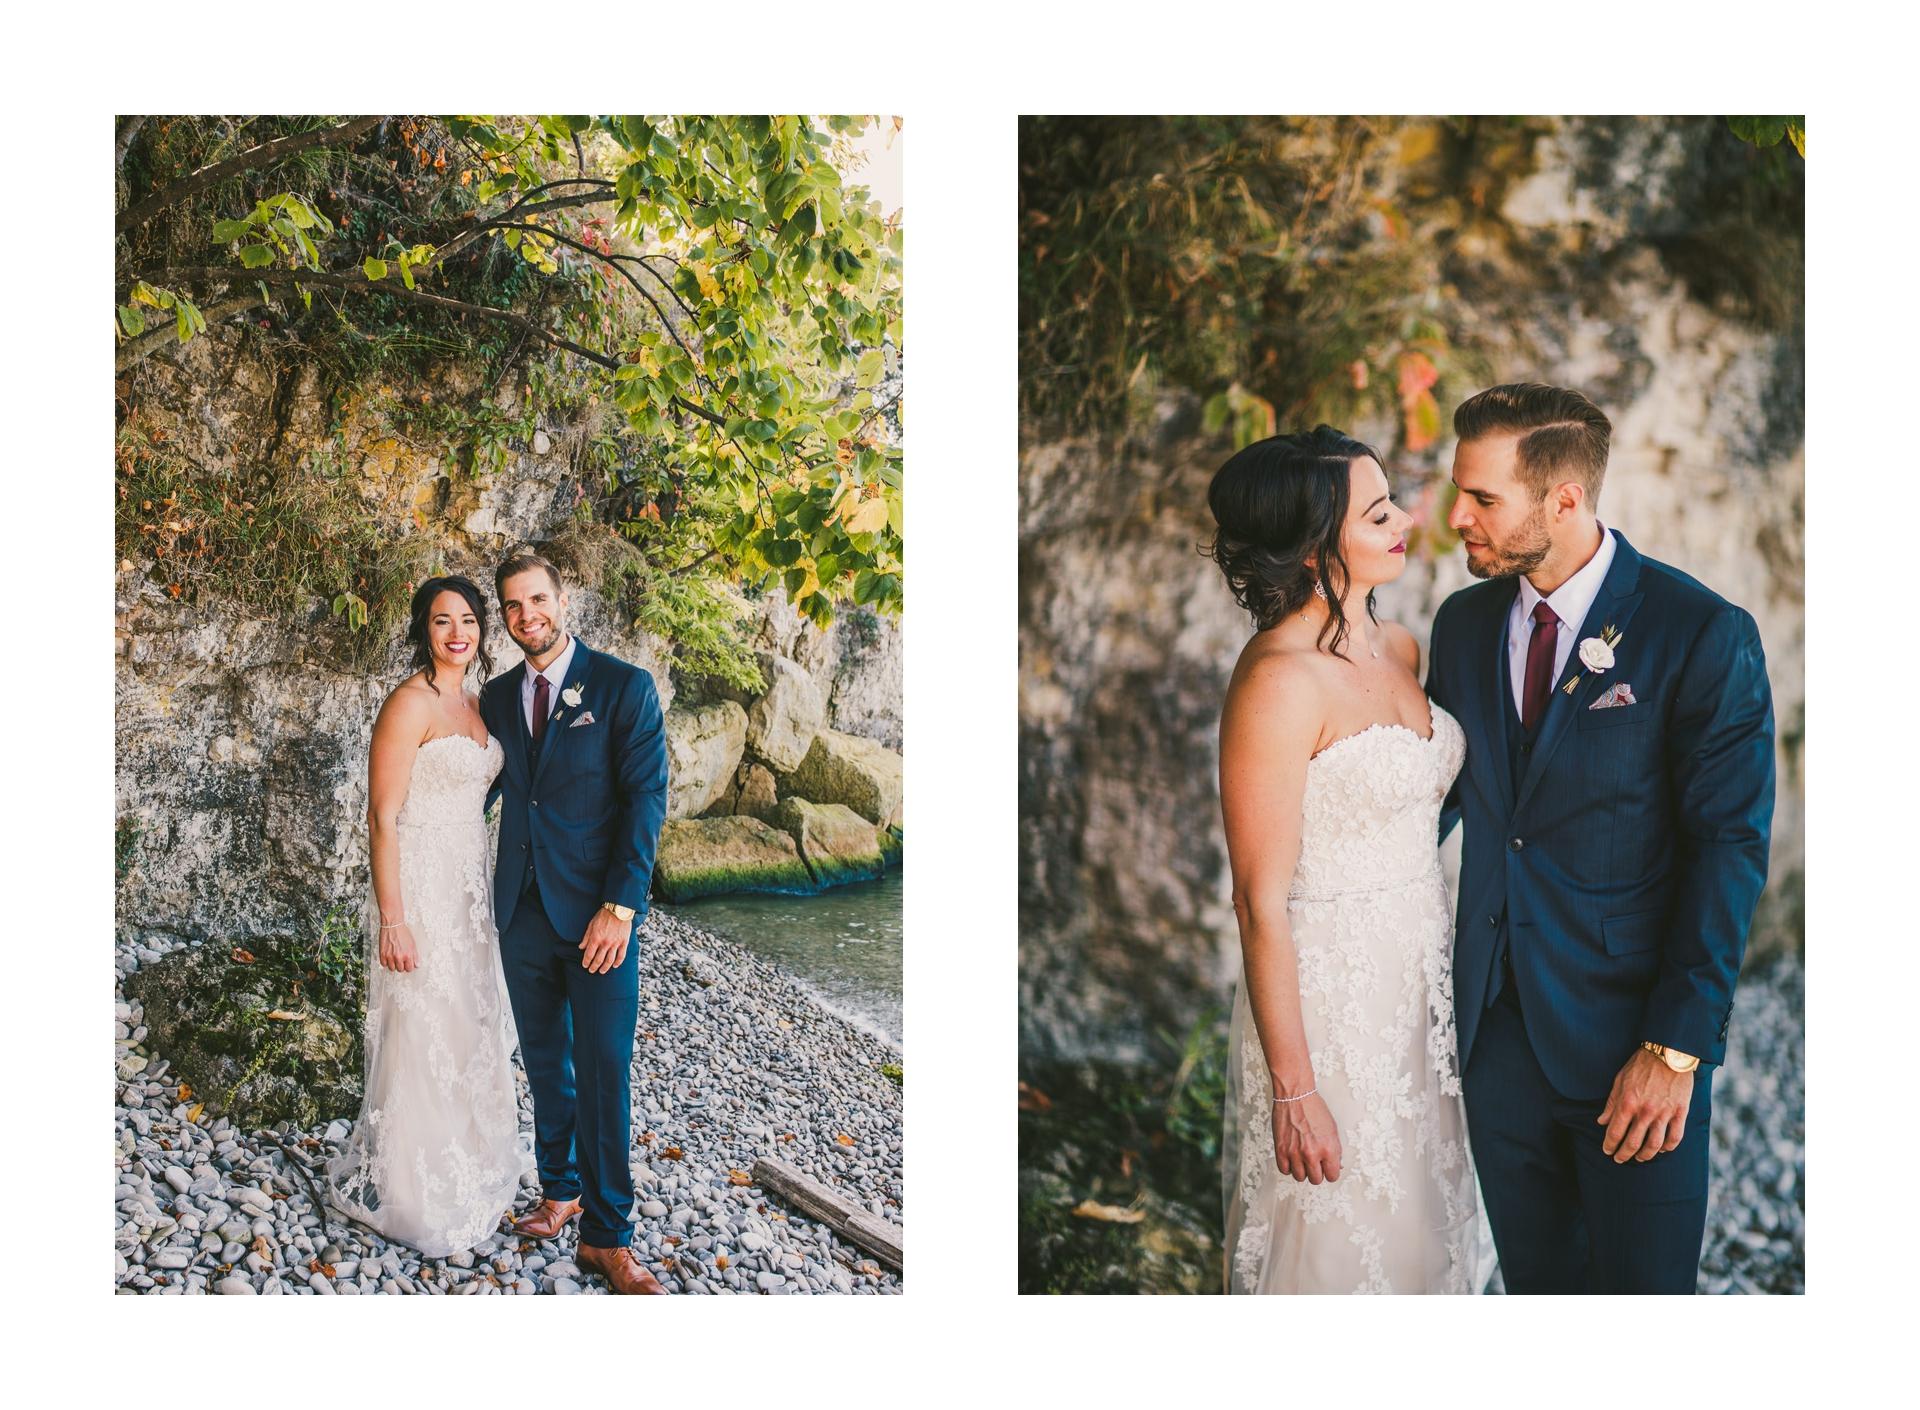 Catawba Island Club Wedding Photographer in Port Clinton 31.jpg